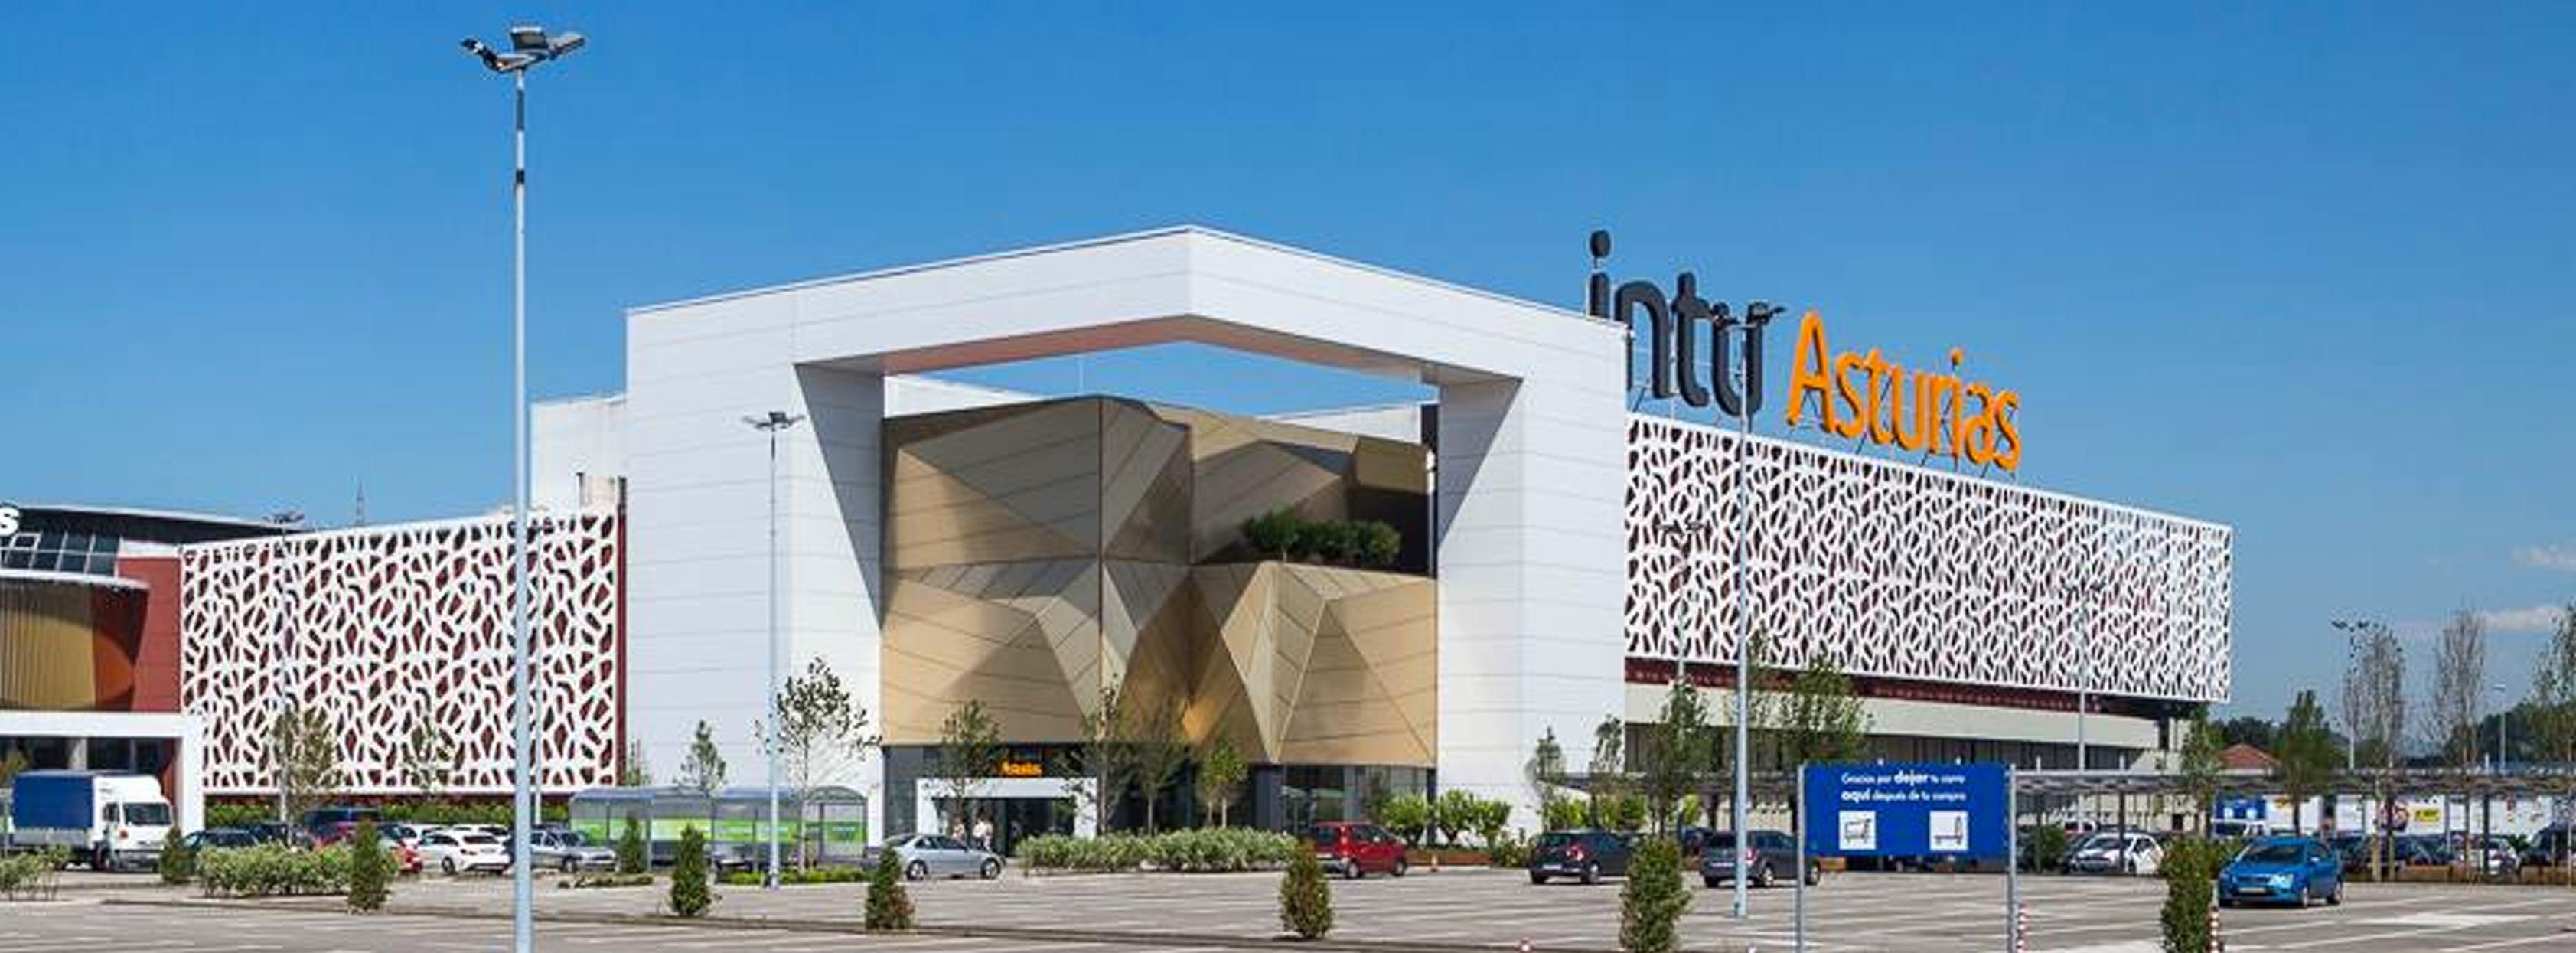 Centro comercial Intu Asturas, vendido hace tan sólo unas semanas.  / Intu Asturias